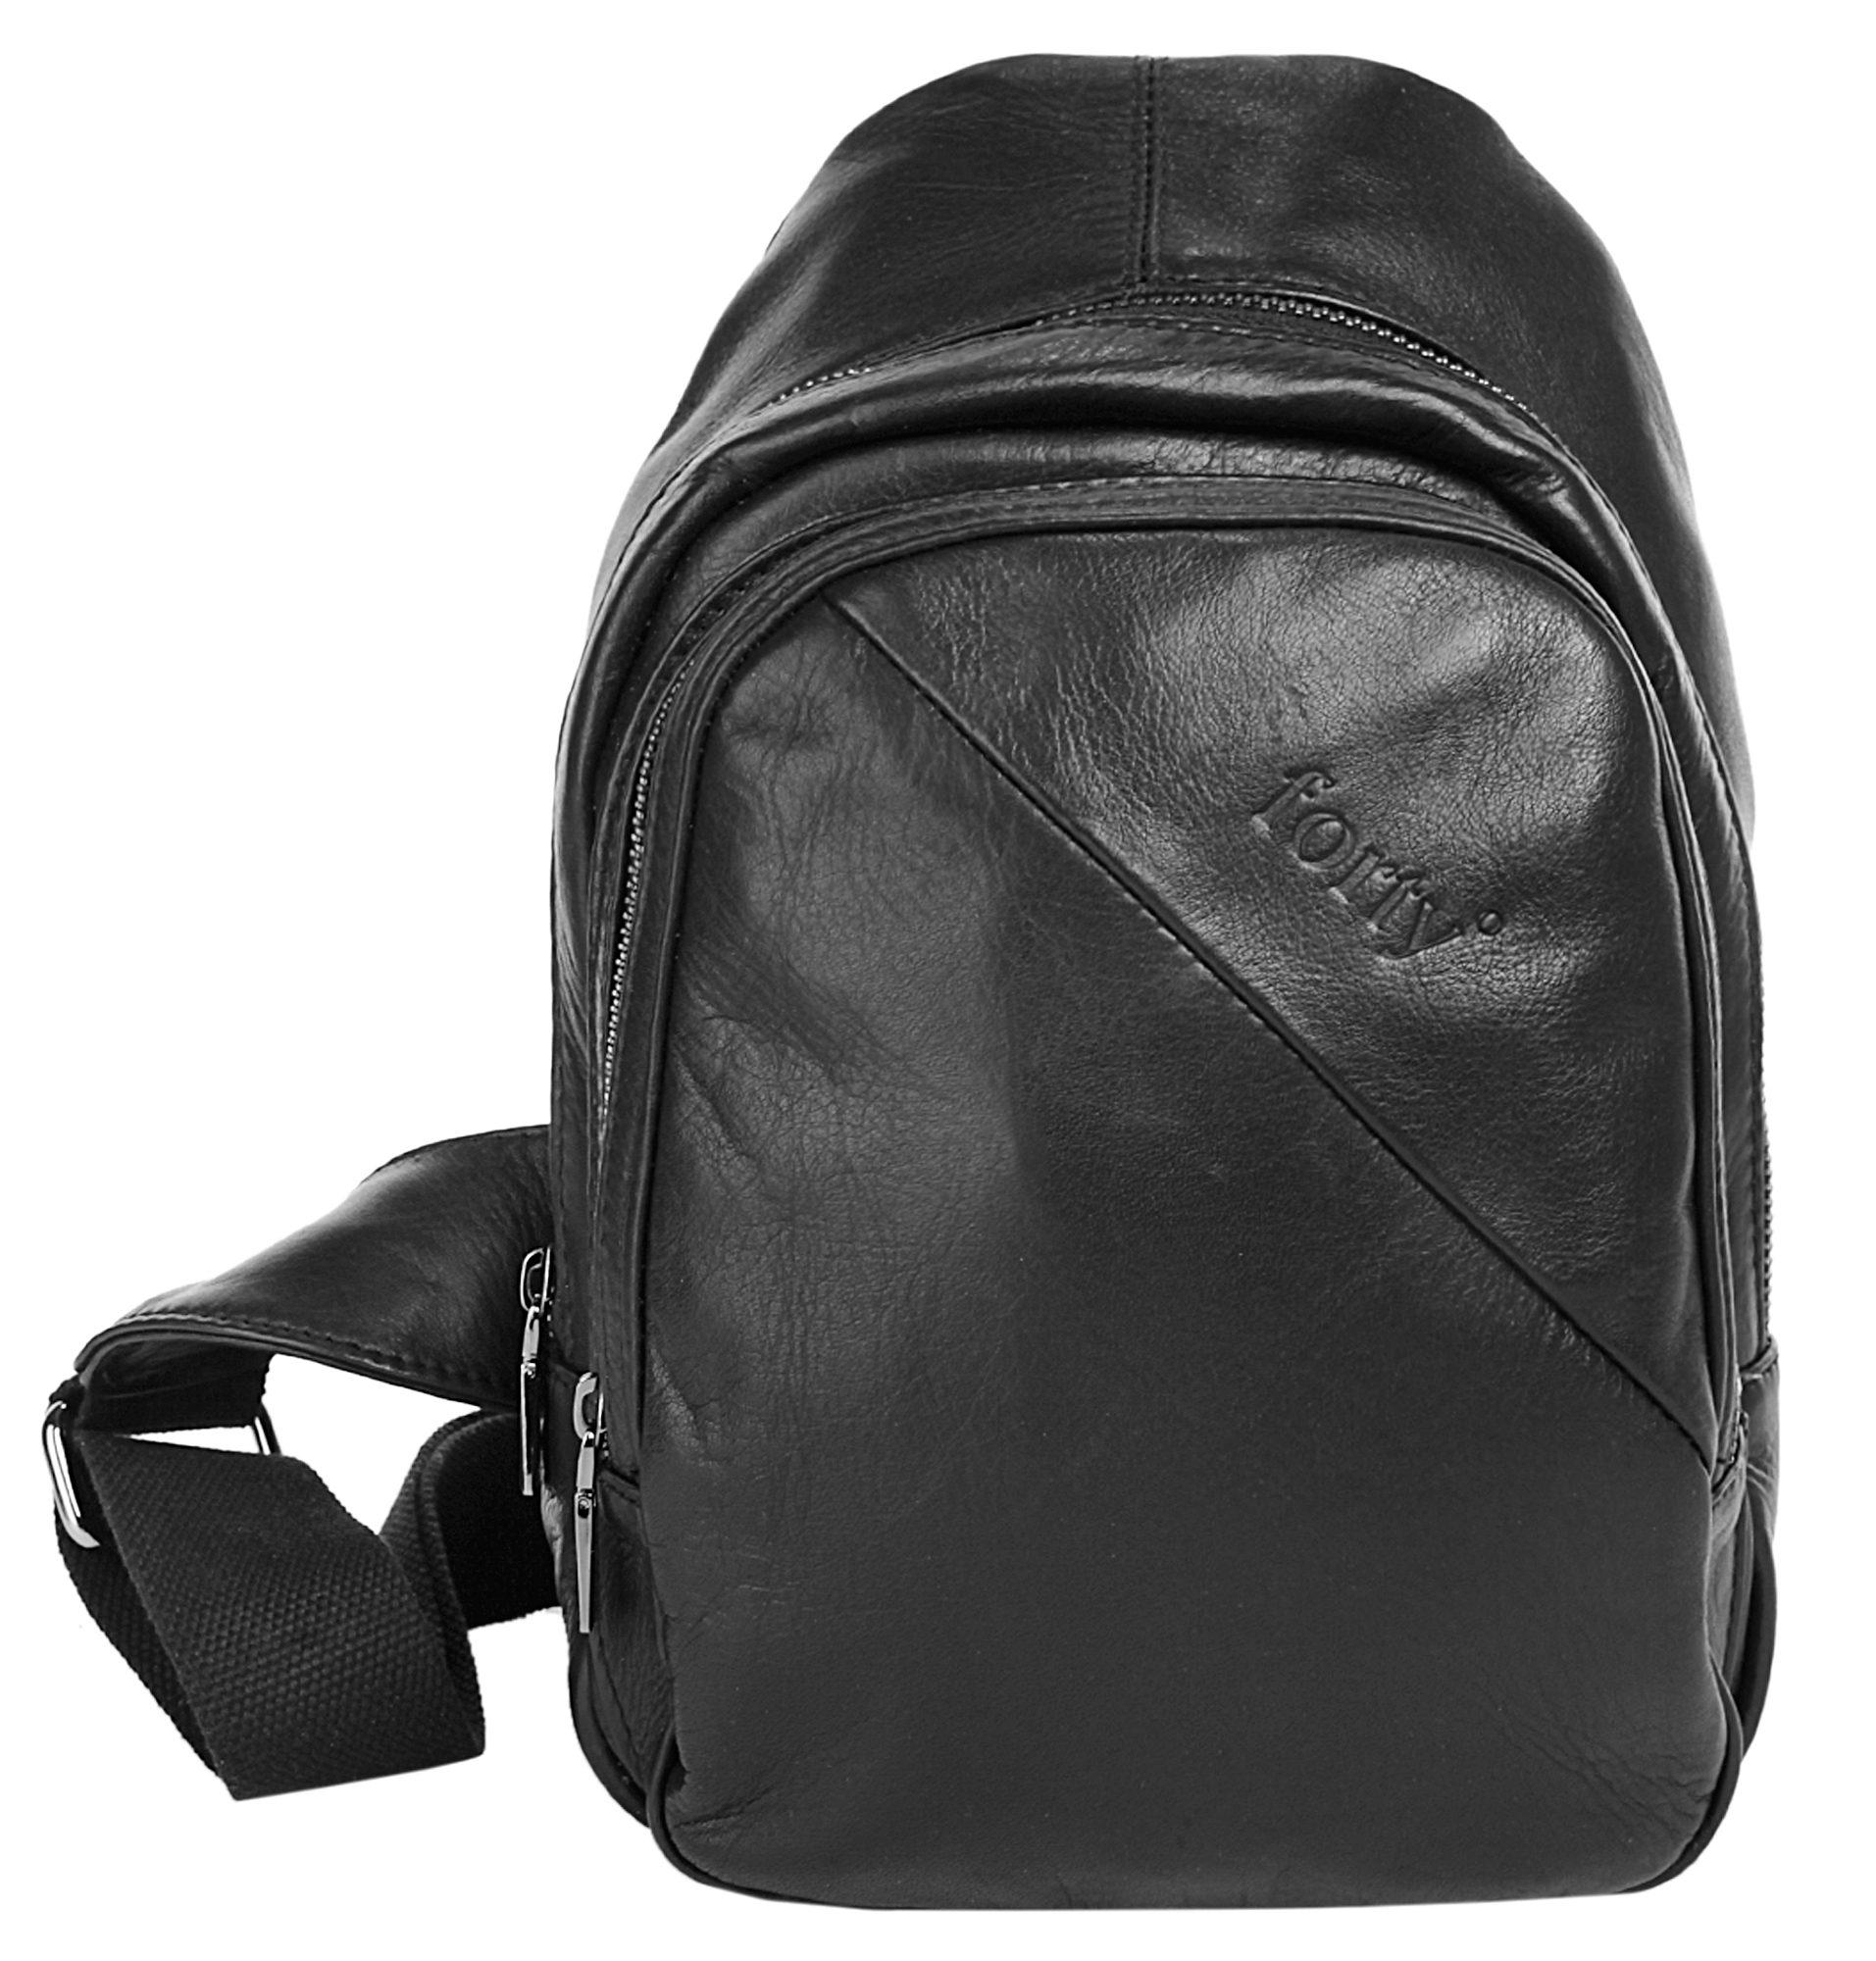 Forty degrees Leder Crossbody Bag